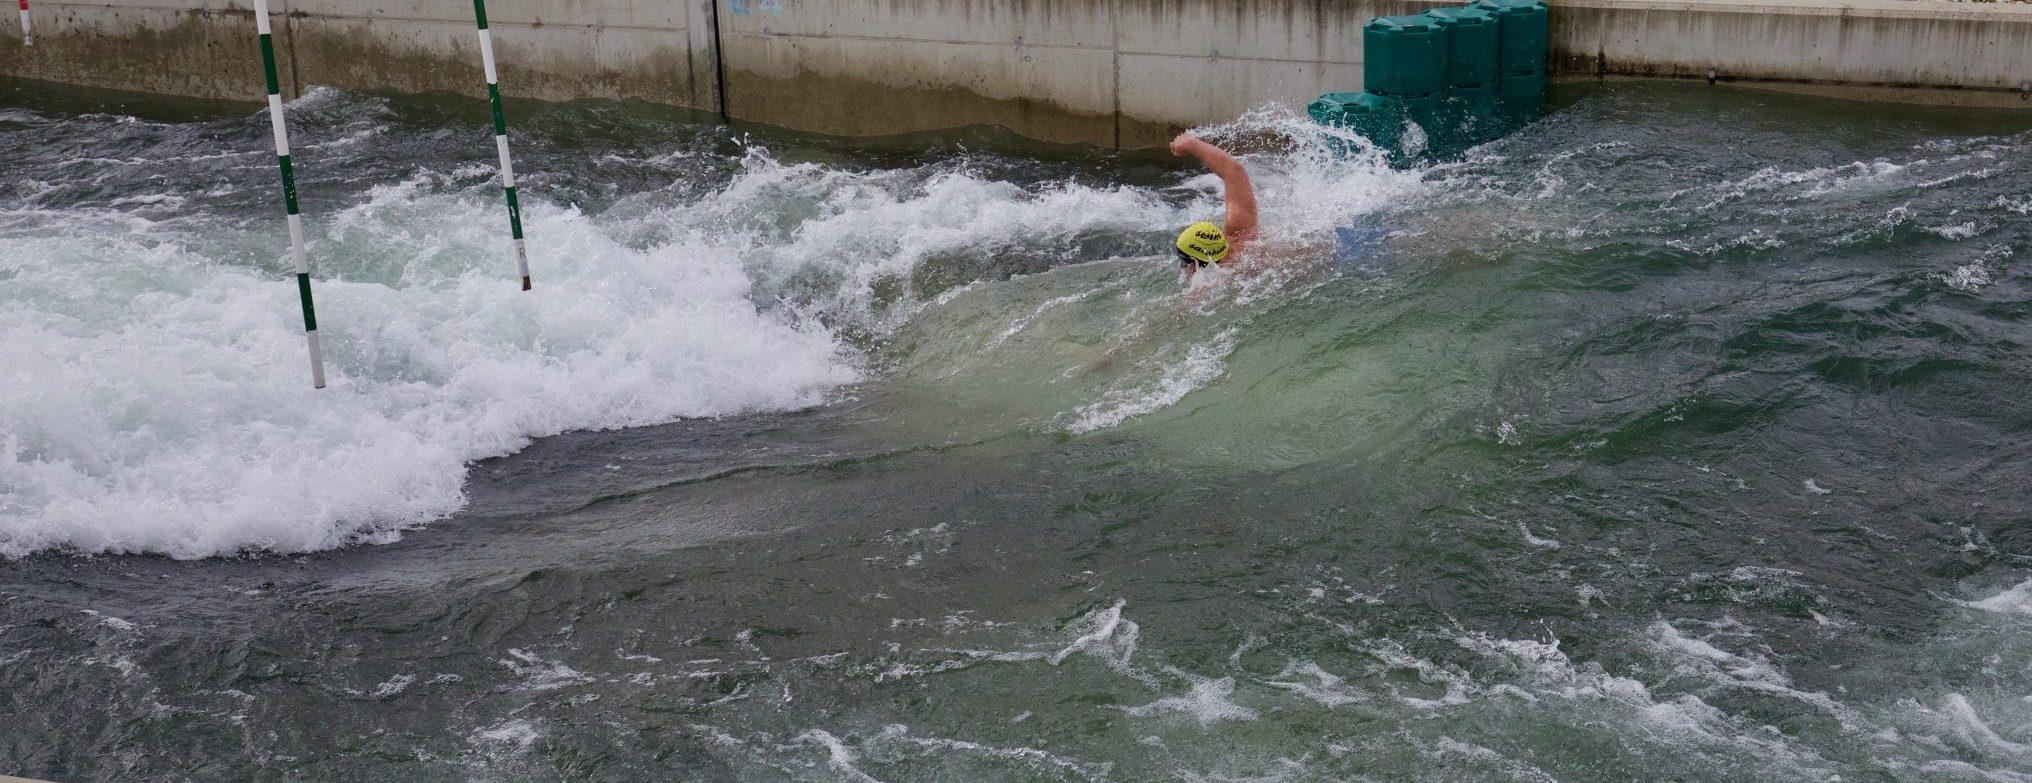 """Wildwasser Schwimmen mitten in Wien ? Das geht- aber nur bei """"Swim the CHannel """" im September"""